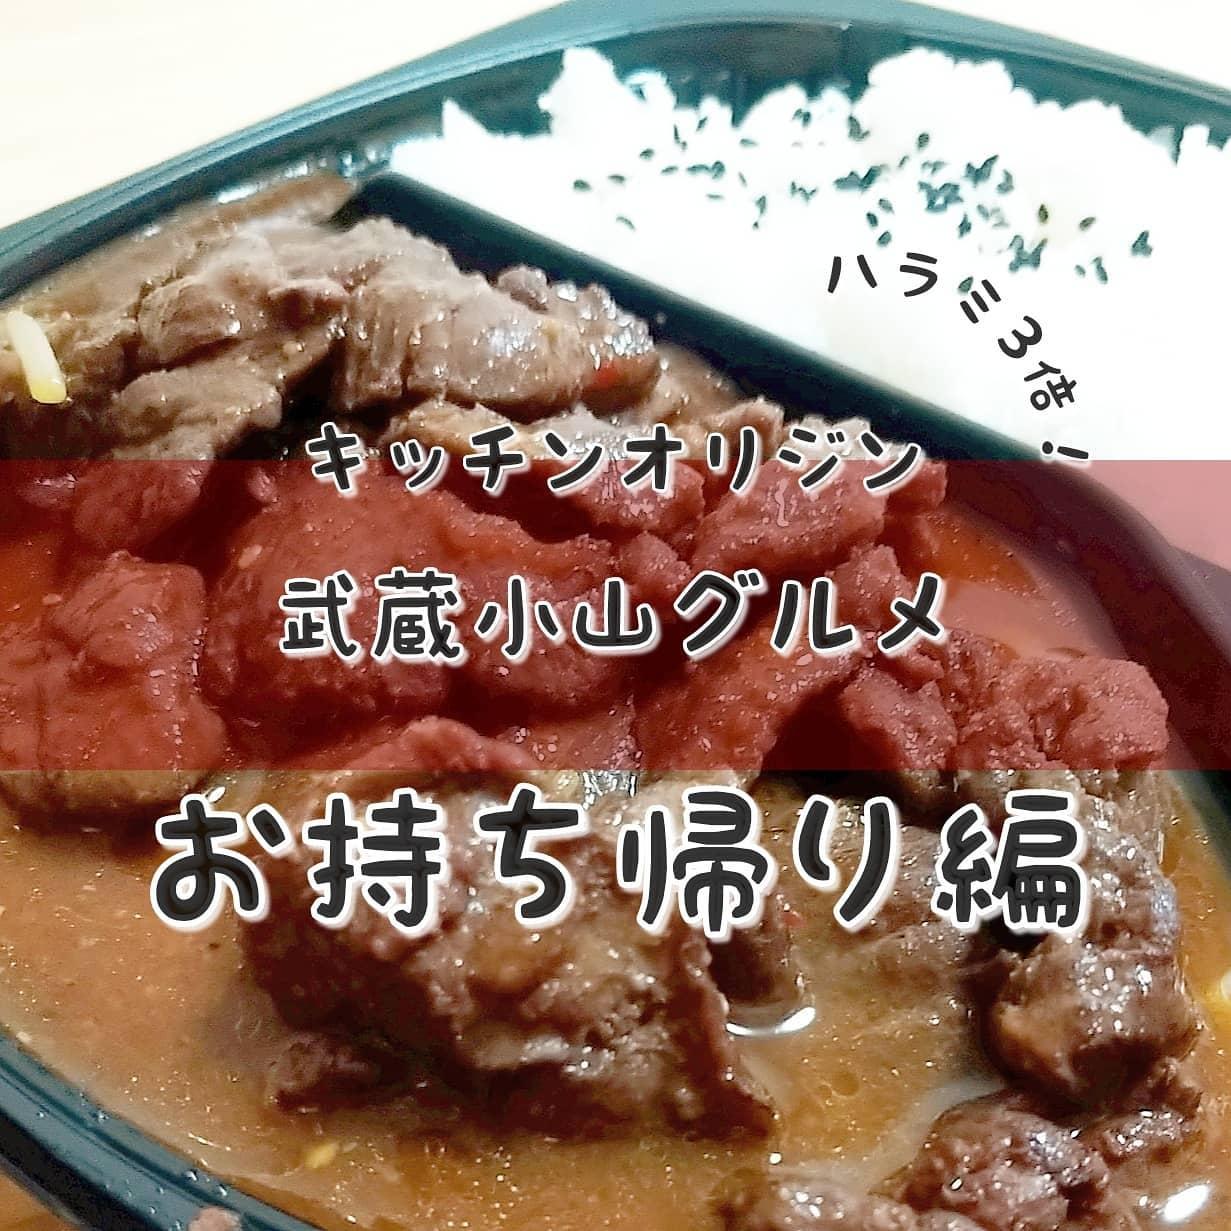 #武蔵小山グルメ情報 #キッチンオリジン #牛ハラミ焼肉弁当肉トリプル ハラミが多すぎて逆に米を大切にしたくなるヤツ!いつもの甘めなオリジンタレ美味い!おもいで度--☆-- #侍猫度マイルド系--☆--スパイシー系あっさり系--☆--コッテリ系シンプル系--☆--ゴロゴロ系オールド系--☆--ニュー系ハラミを山盛りで食べられるトリプルハラミ弁当だね!いつもの甘め焼肉のタレにゴマニンニク風味を追加してる感じだね。オリジンタレは米に合うから、ハラミの量を増やしたら米の量も増やさないと肉と米のバランスが崩れて後半はハラミだけになるよ。前回食べた厚切り牛カルビ弁当トリプルのがコッテリしてたから、サッパリ好きはハラミのがいいかもね。でもサッパリっていいつつもコッテリ界の中でのサッパリだからね。おそらくハラミ様のがカルビより地位が高いからか量的にはカルビのが多かったね。場所は、26号線を目黒郵便局方面に行って5分くらいかな?武蔵小山グルメ情報まとめブログ〜本店〜→https://musashikoyama.samuraicat.jp/※本店だと地図見やすくなっとります。※ネタ切れ気味なのでお店情報とかも募集してます。#武蔵小山 #武蔵小山情報 #武蔵小山ランチ #ランチ #グルメ #武蔵小山商店街 #武蔵小山パルム #武蔵小山商店街パルム #武蔵小山駅 #武蔵小山グルメ #武蔵小山ランチ #武蔵小山ディナー #武蔵小山食事 #武蔵小山モーニング #東京 #東京グルメ #東京 #東京グルメ  #musashikoyama #tokyofood #tokyo #ステーキ #デカ盛り #大盛り